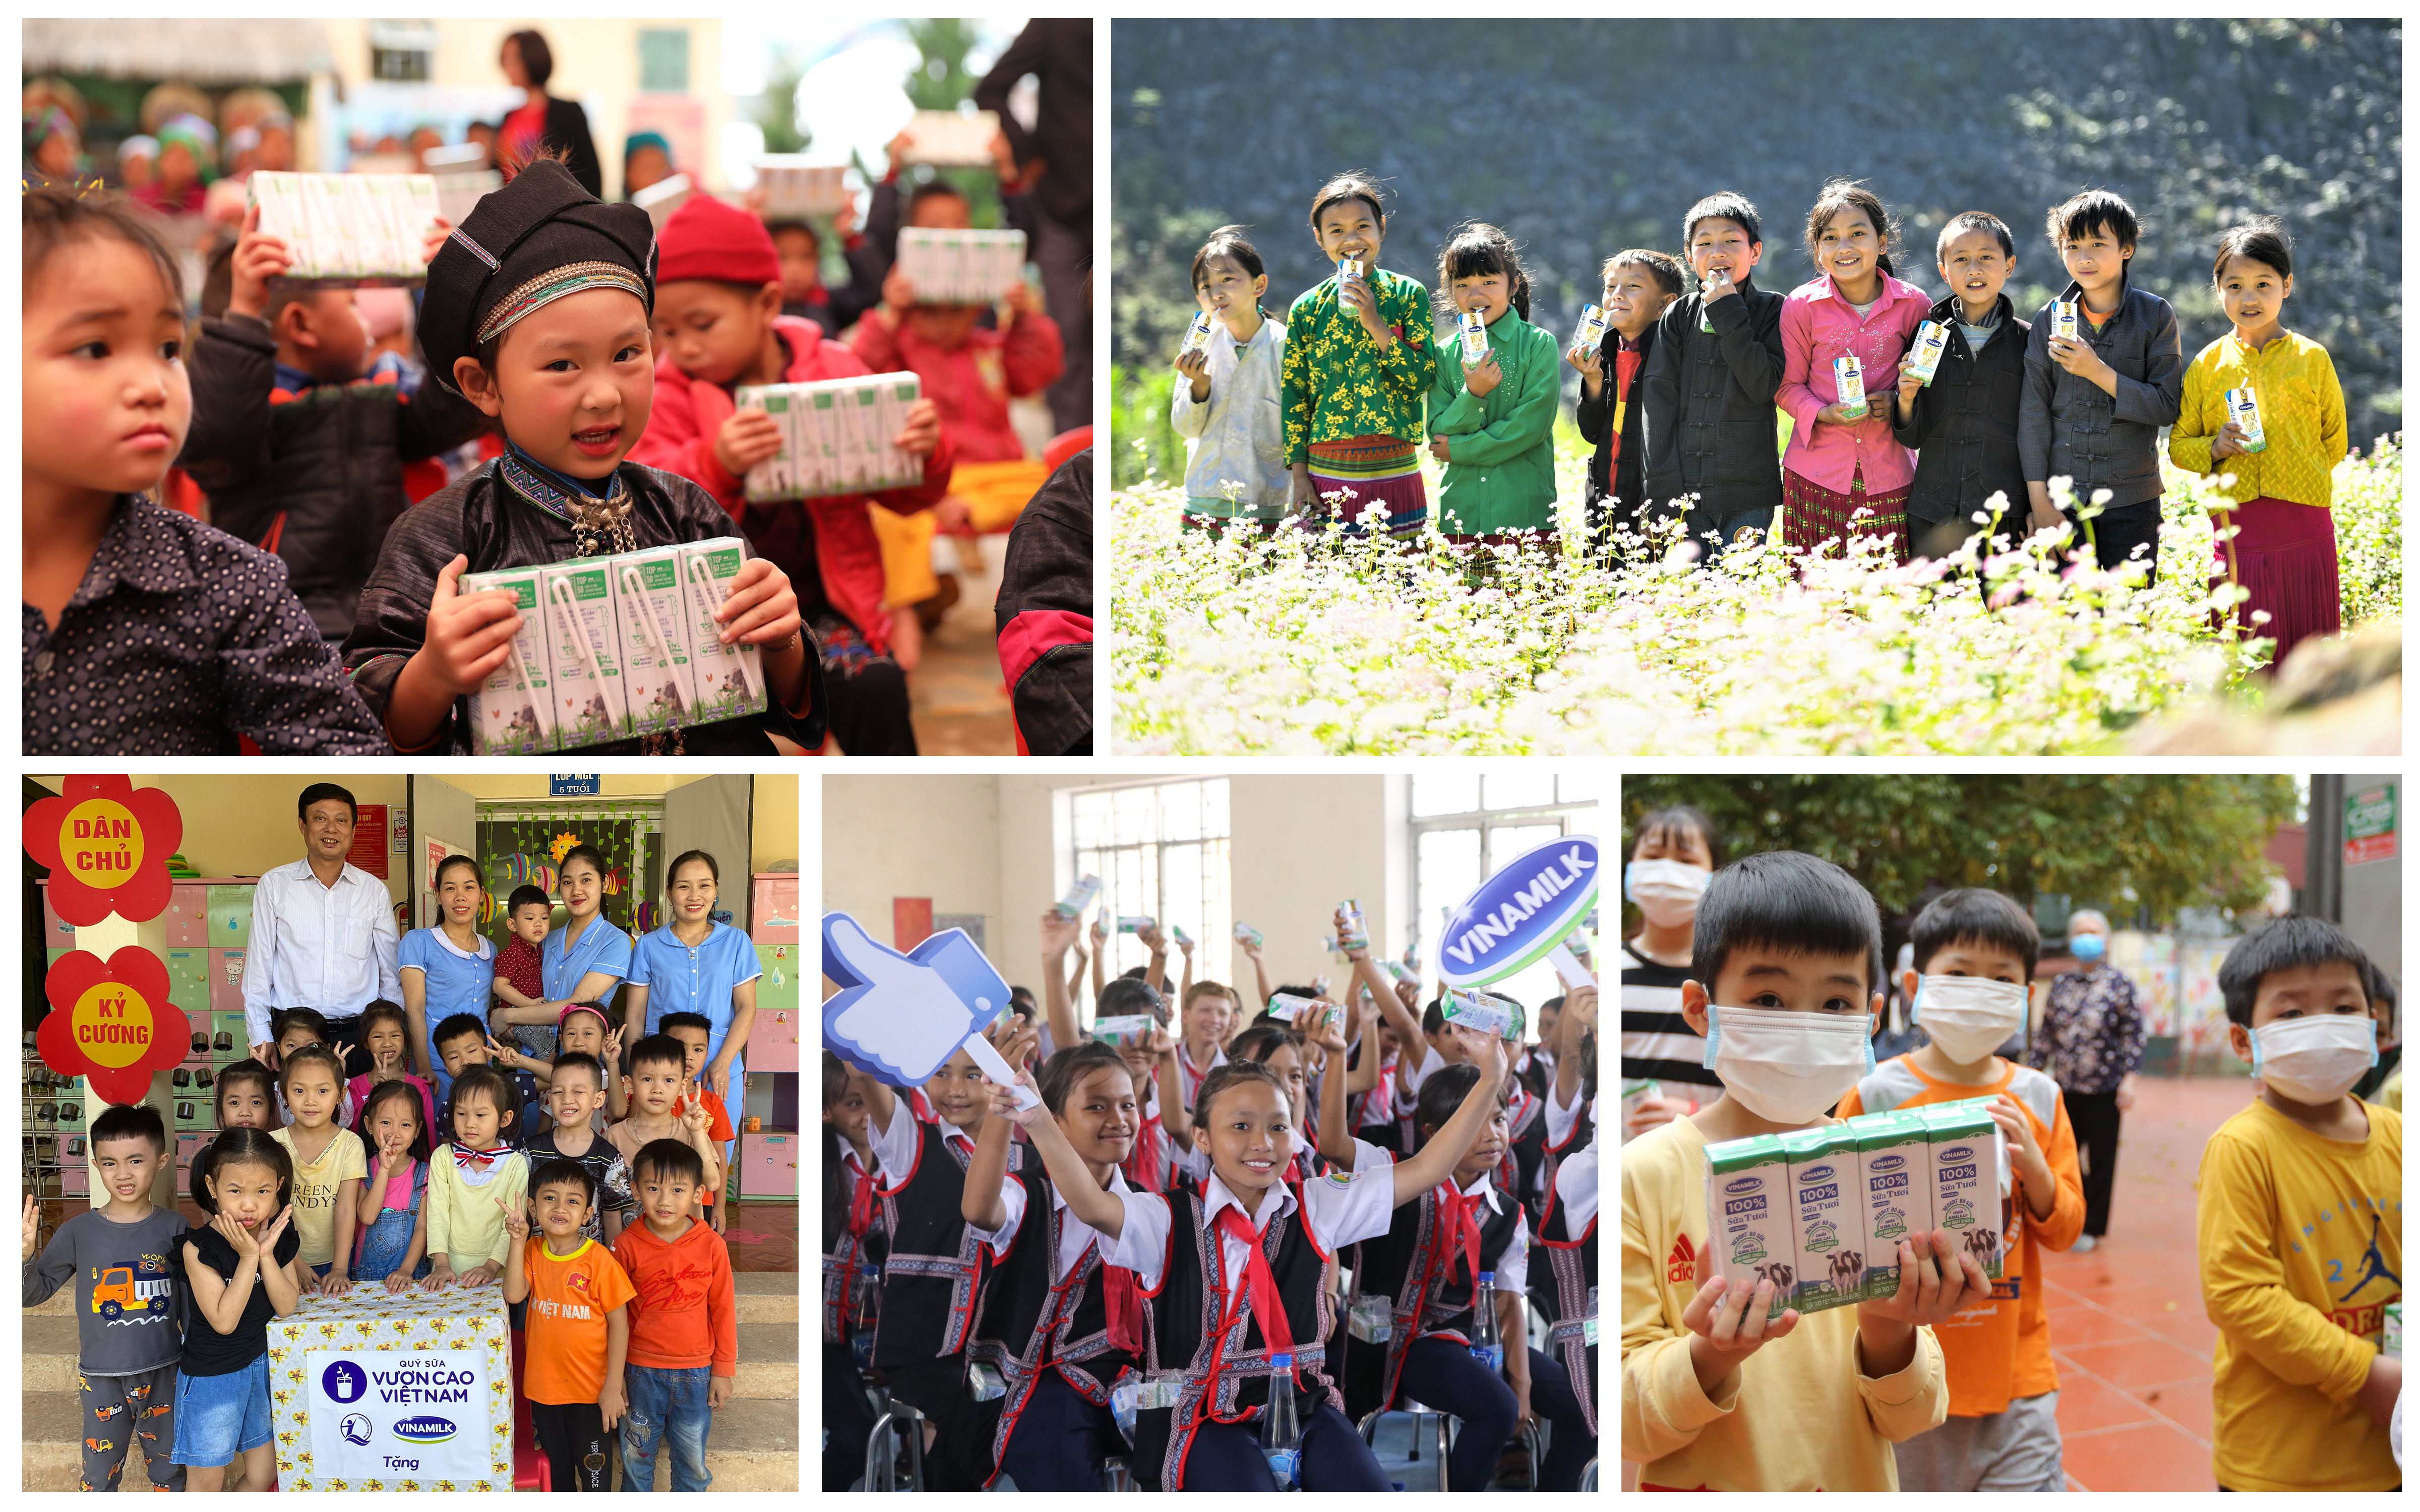 Vượt trở ngại do Covid-19, những chuyến xe yêu thương từ Quỹ sữa Vươn Cao Việt Nam và Vinamilk vẫn đều đặn mang sữa đến cho các trẻ em khắp 27 tỉnh thành trên cả nước